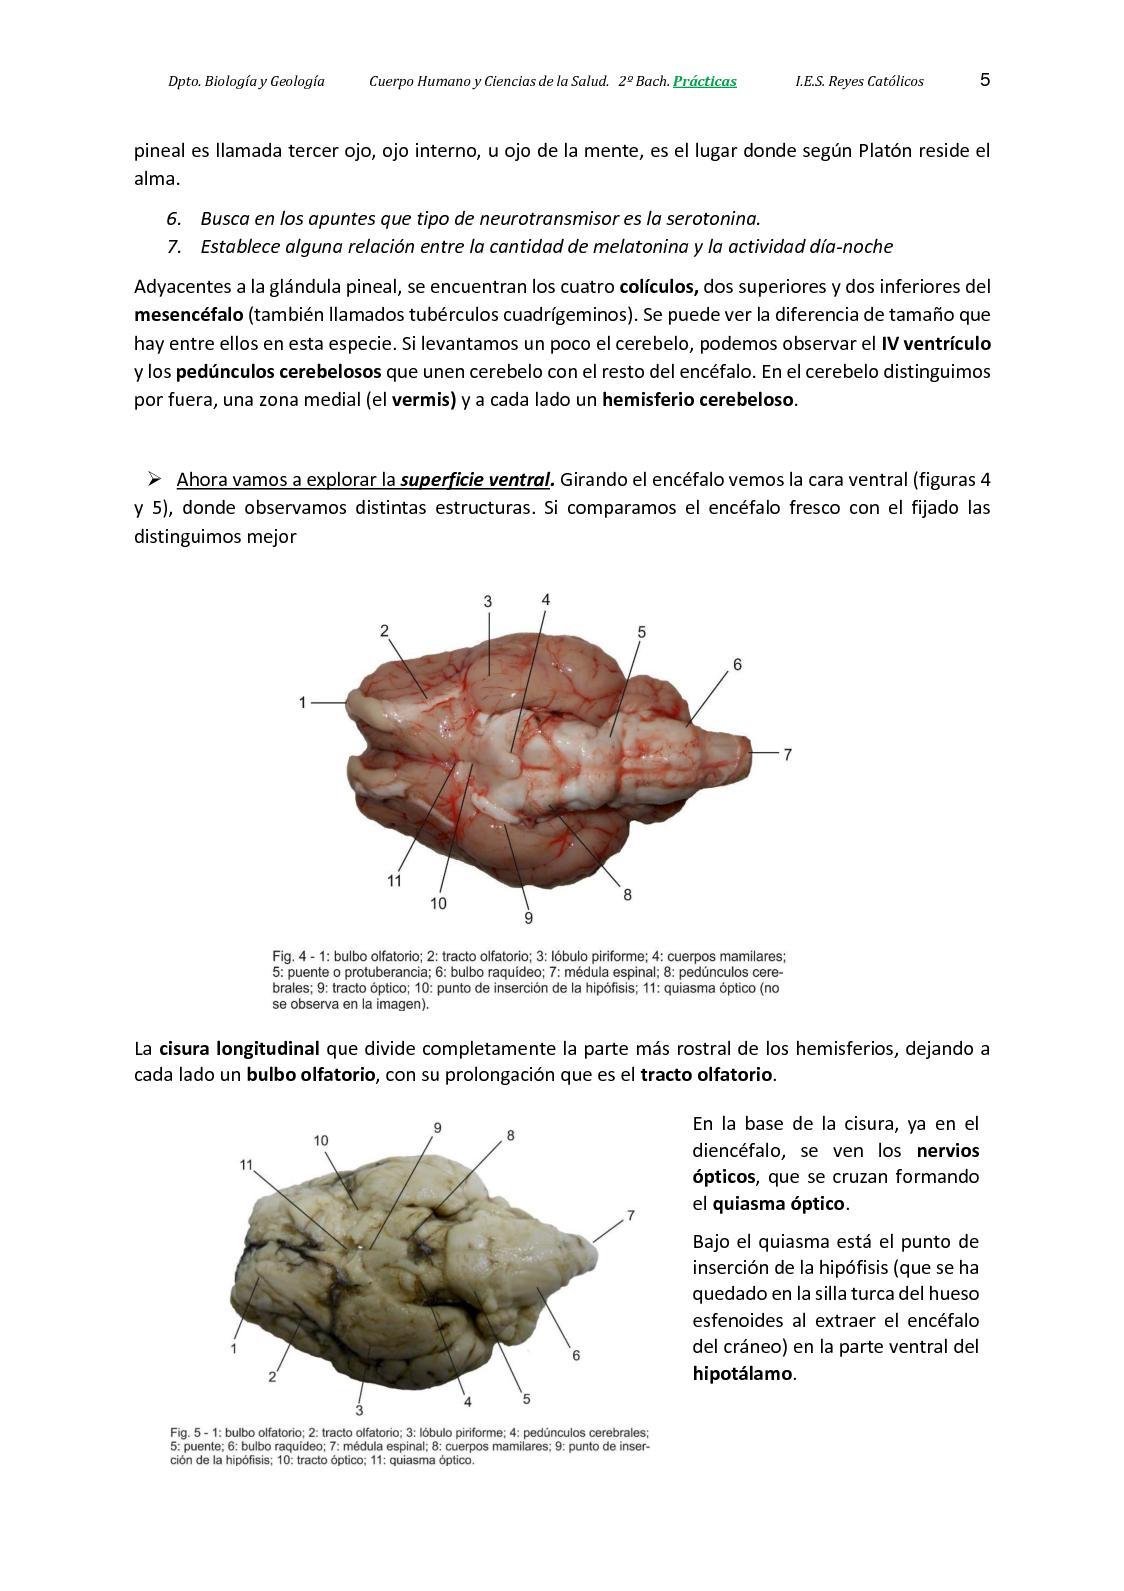 Encantador Qué Día Es La Anatomía De Los Grises Ideas - Anatomía de ...